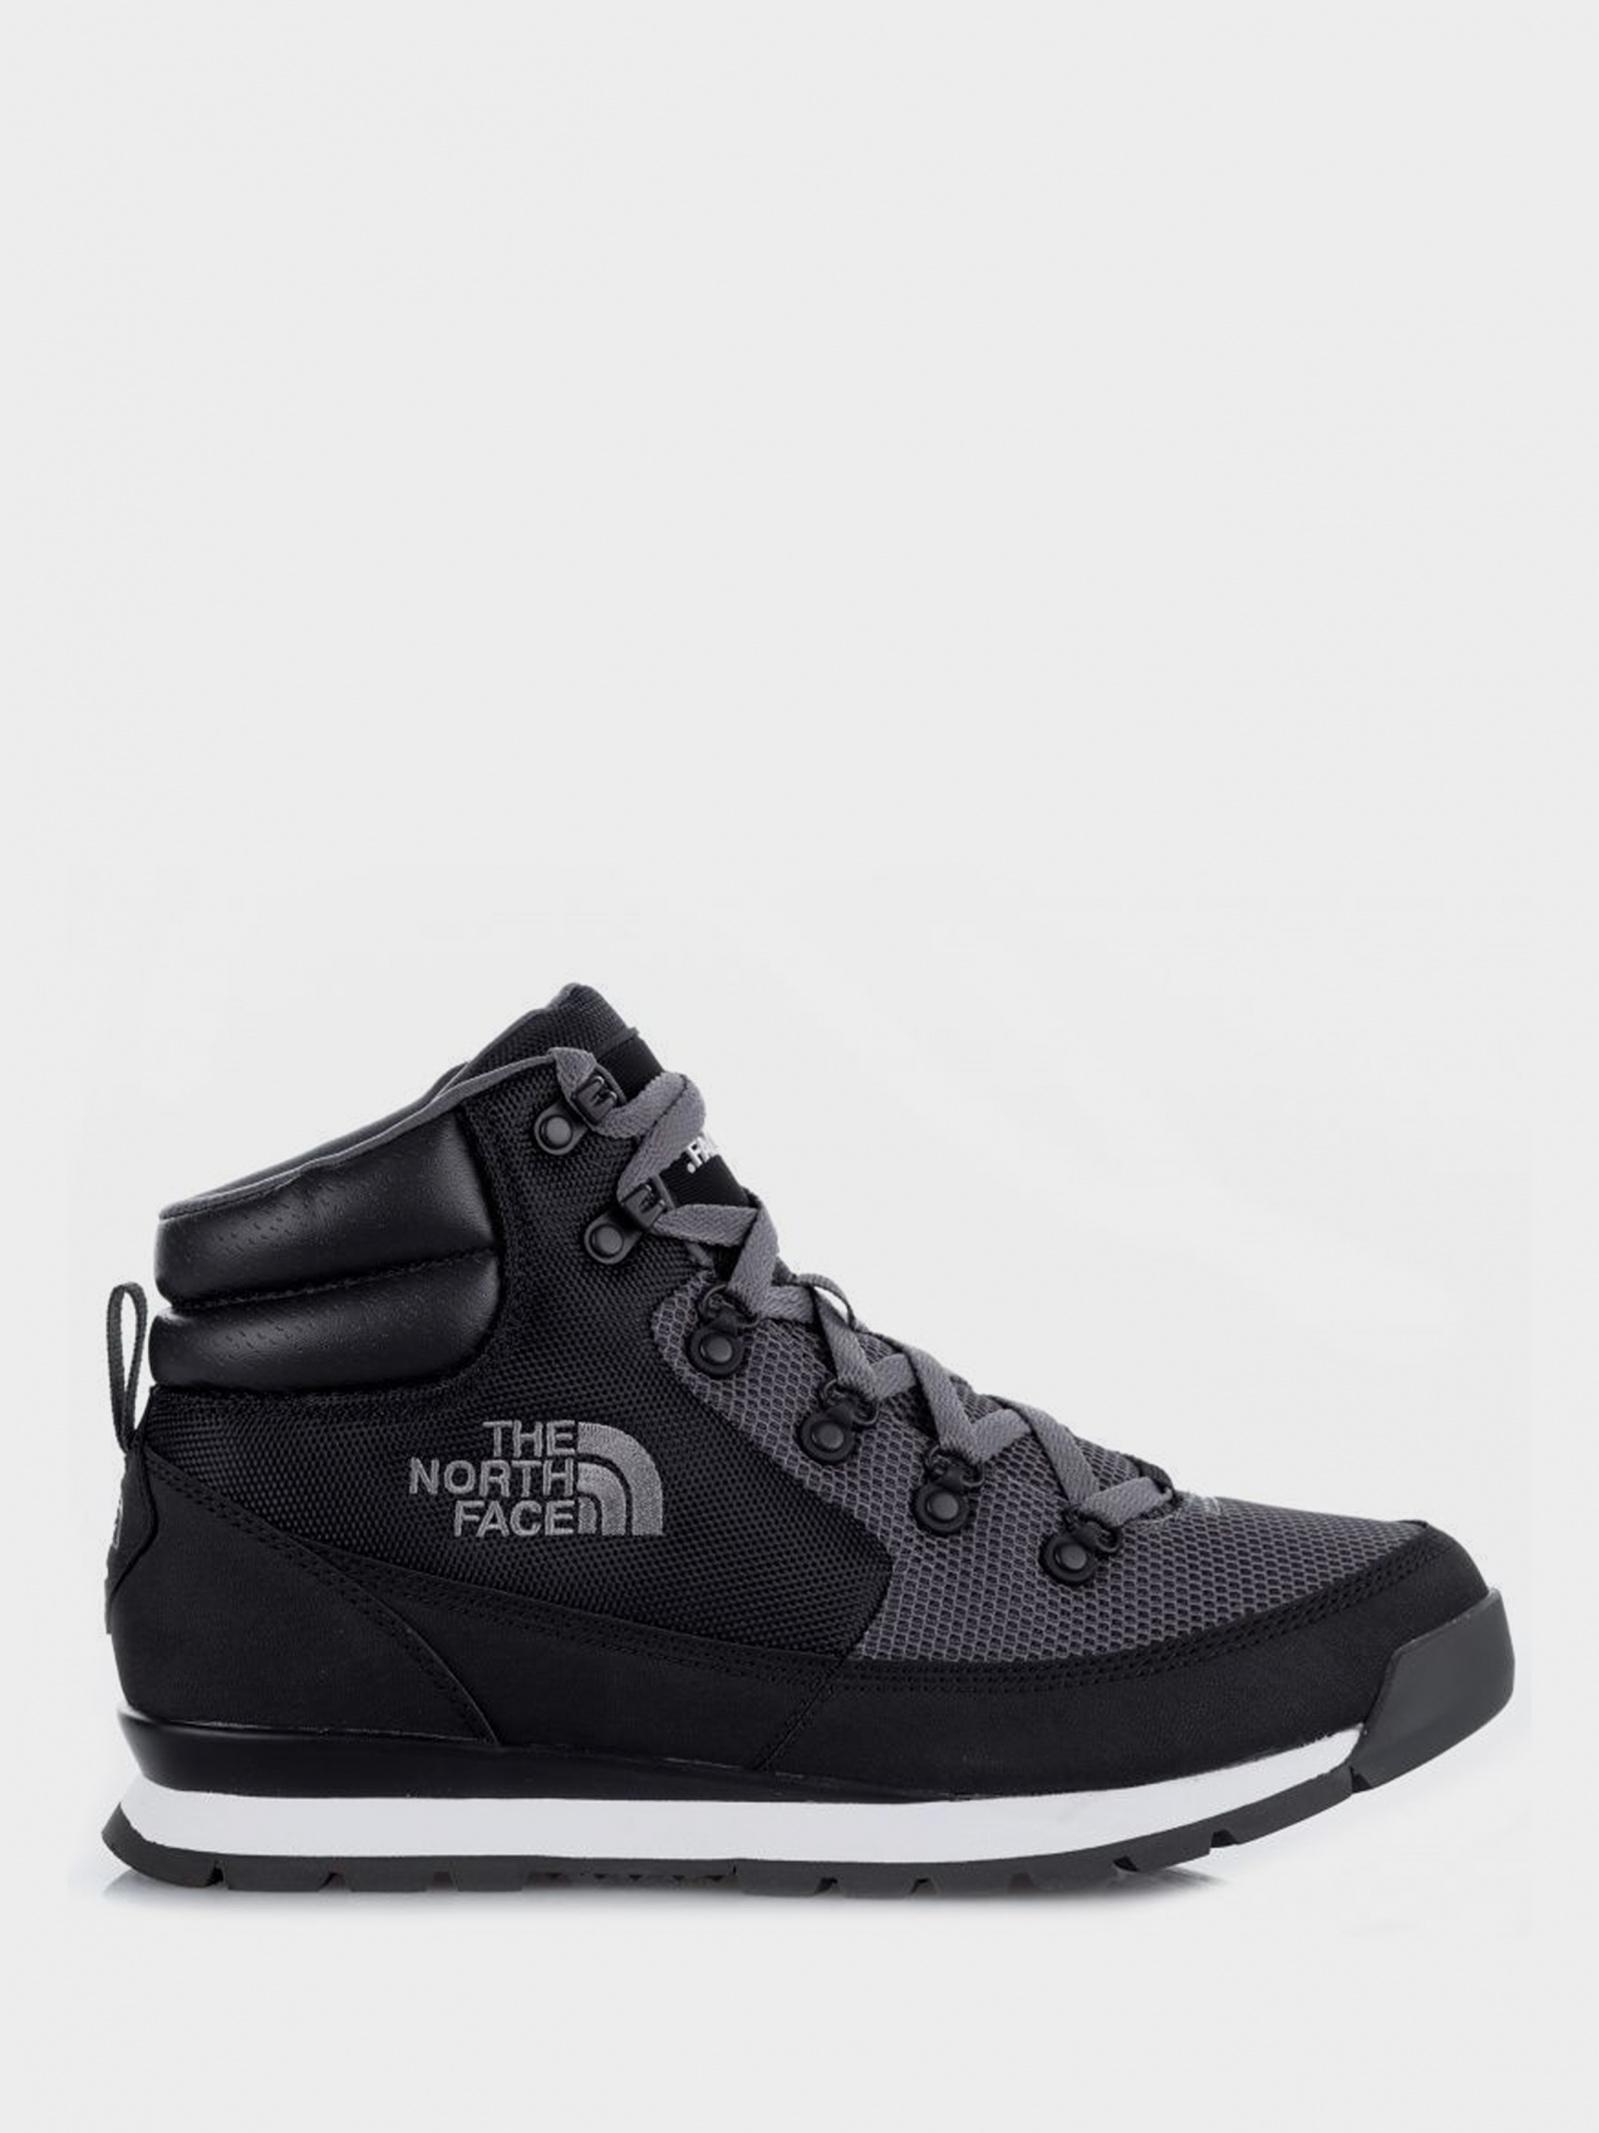 Ботинки для мужчин The North Face B-TO-B REDX MESH T93RE95QT цена, 2017